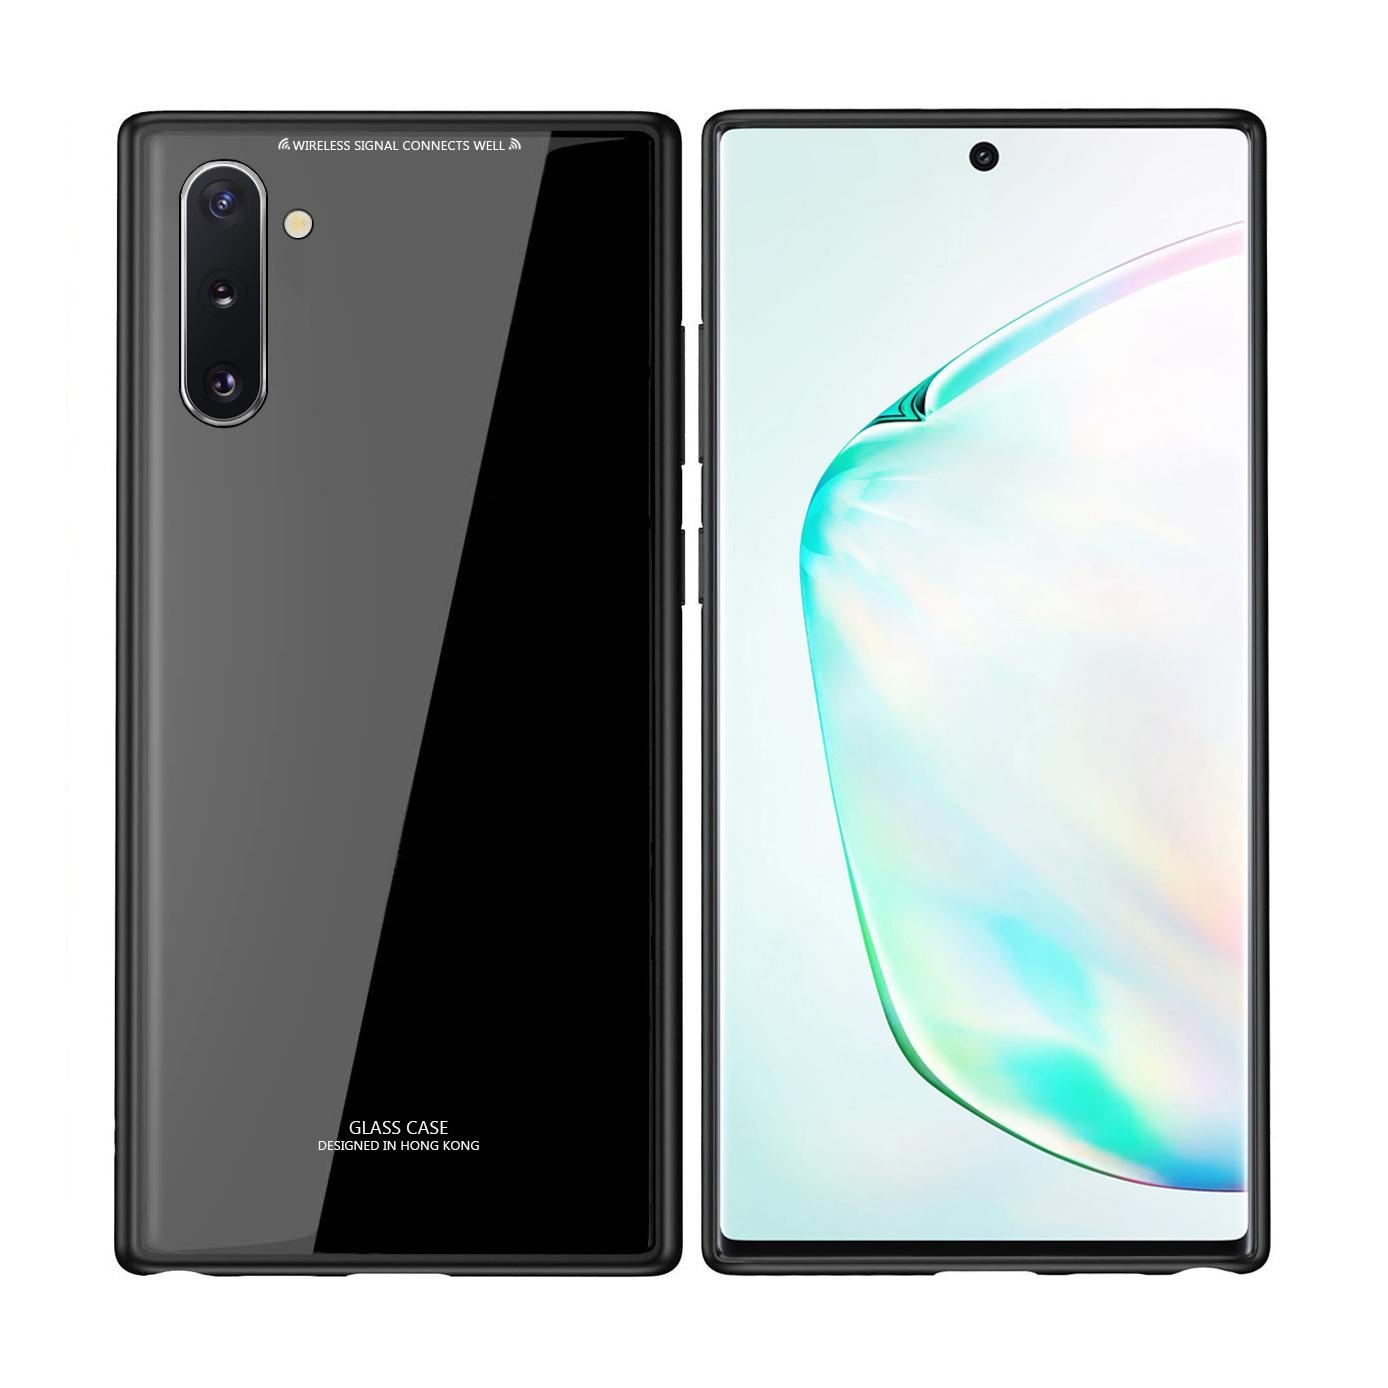 کاور سامورایی مدل GC-019 مناسب برای گوشی موبایل سامسونگ Galaxy Note 10